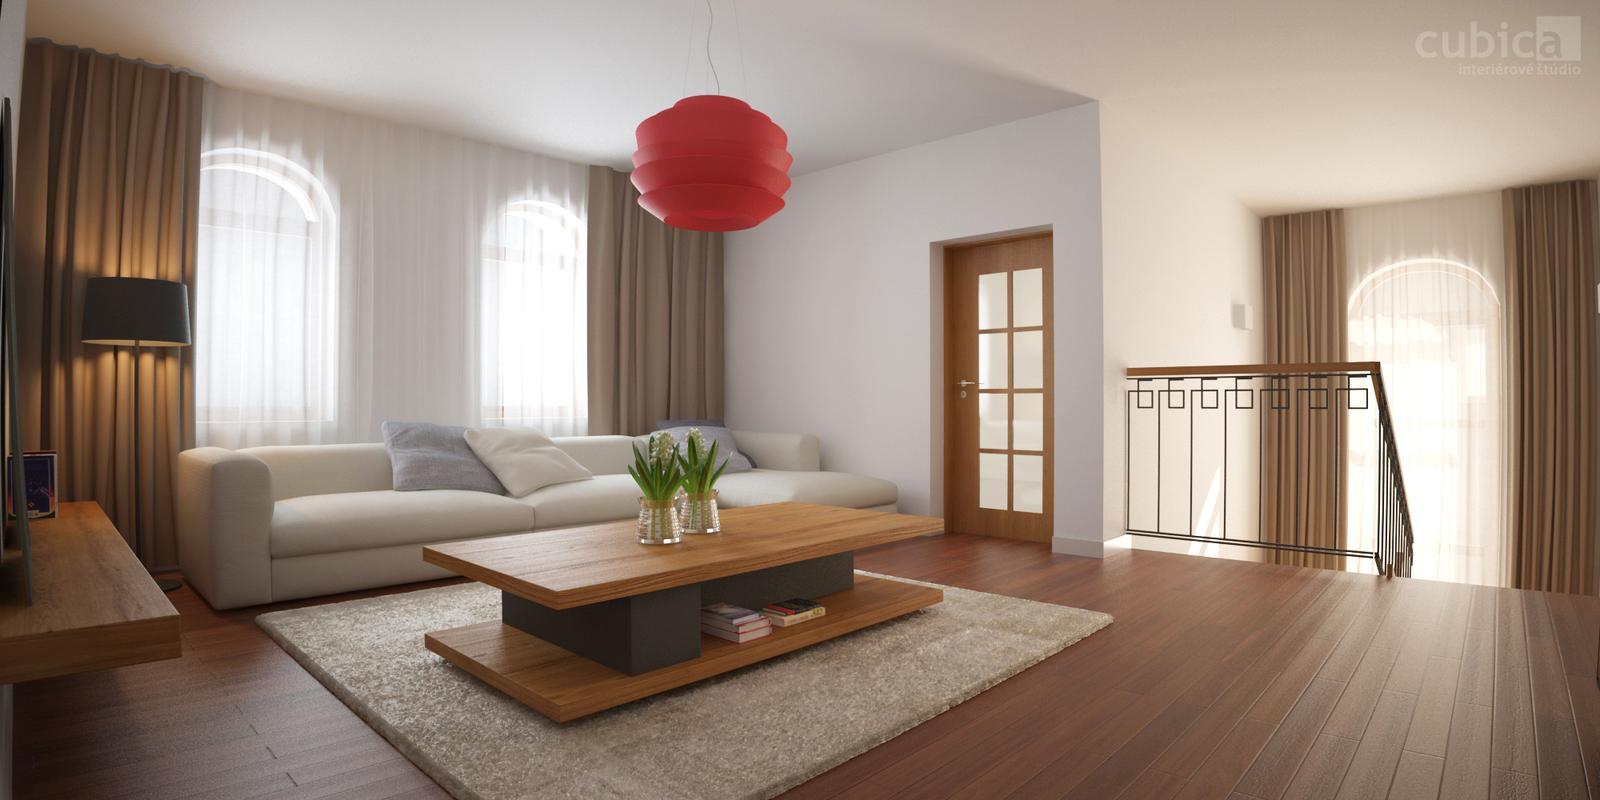 Návrh interiéru rodinného domu - Návrh interiéru rodinného domu